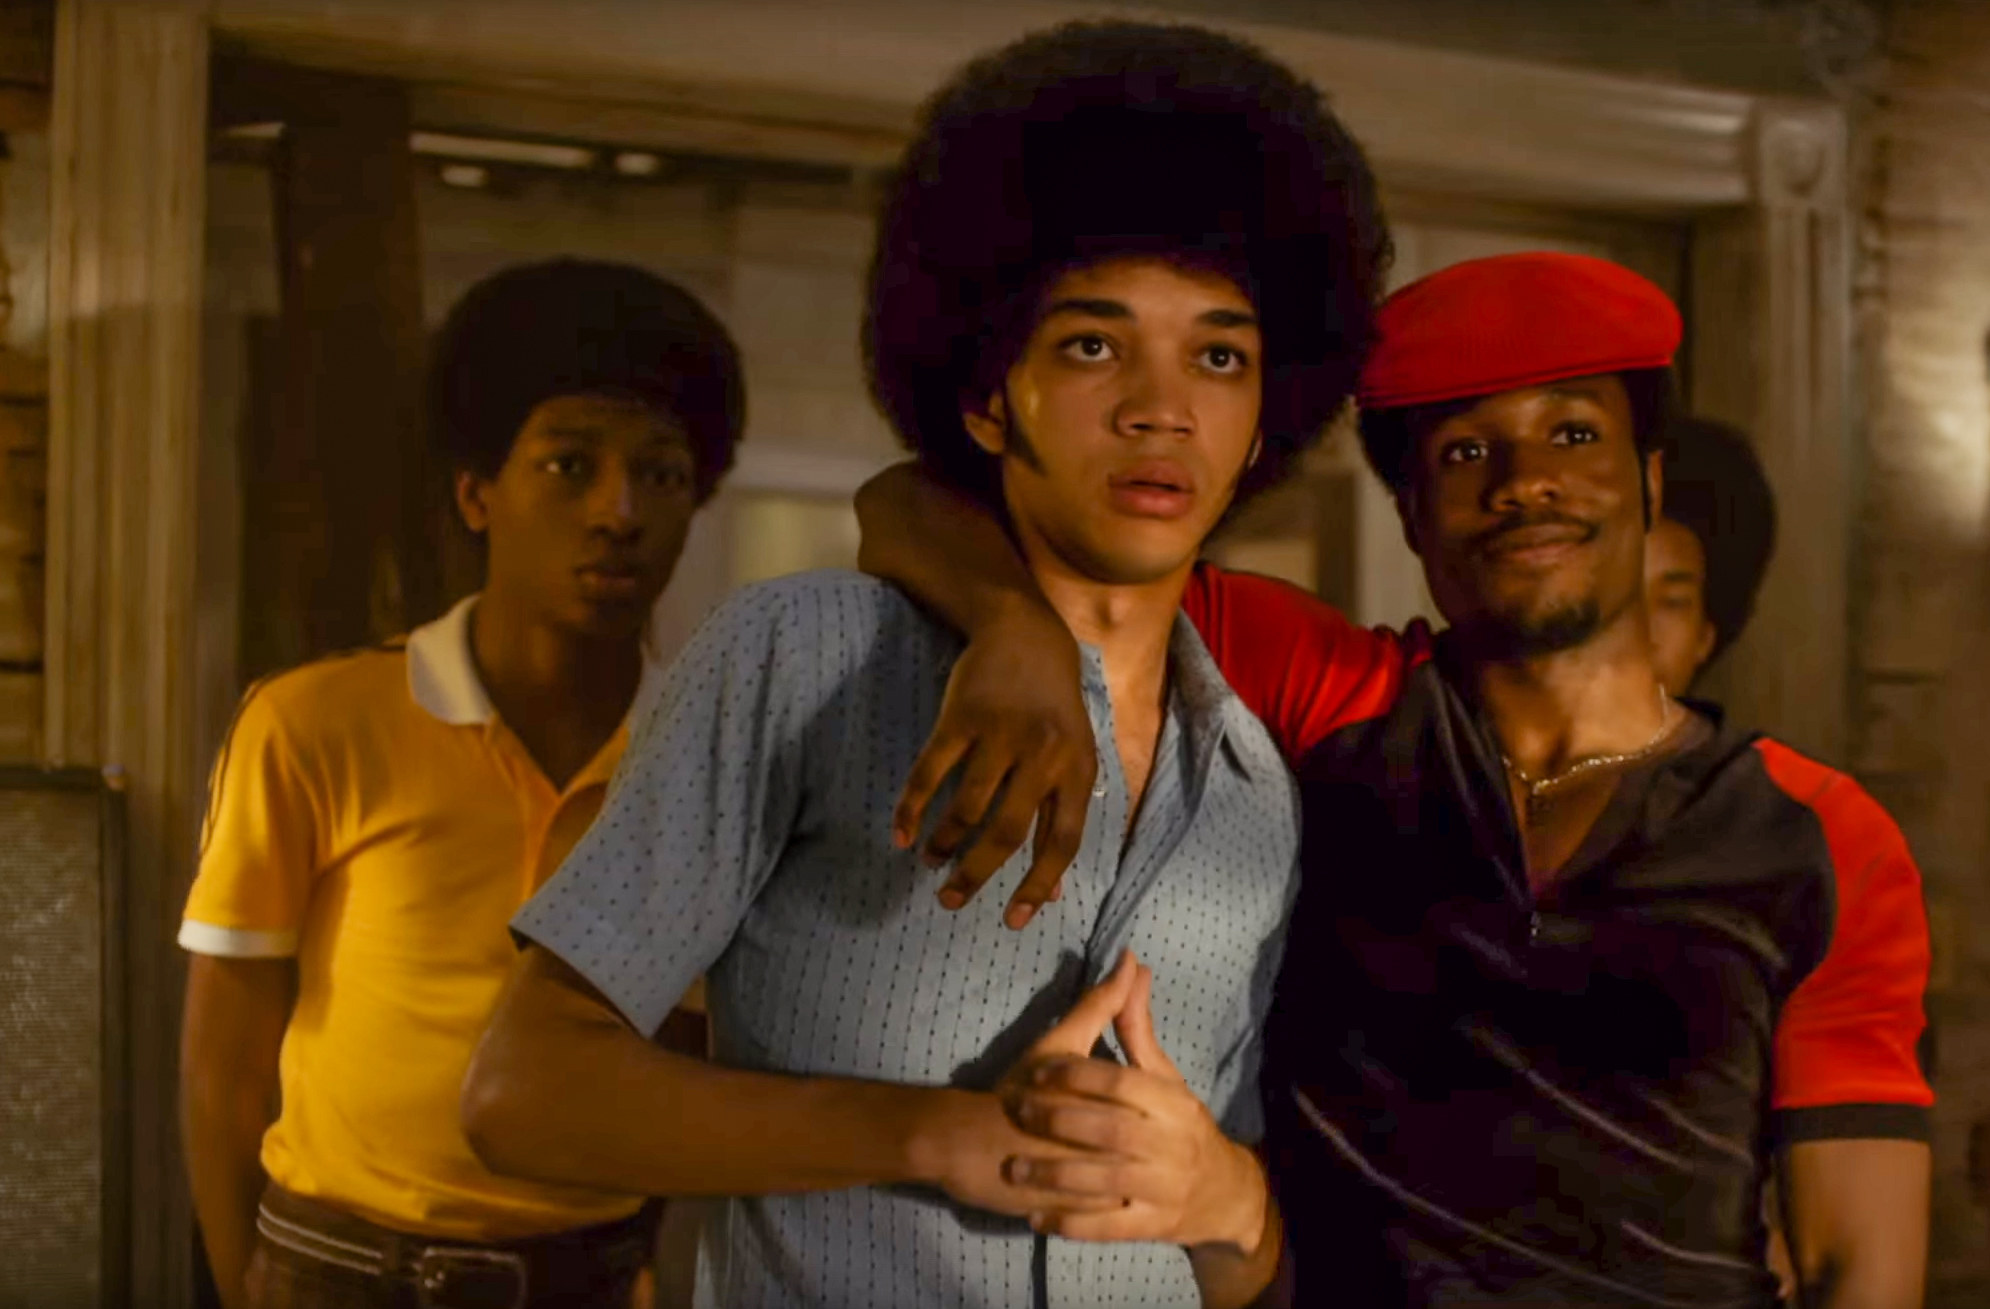 TRAILER: Meet the Latino Cast of Baz Luhrmann's Netflix Hip-Hop Series 'The Get Down'